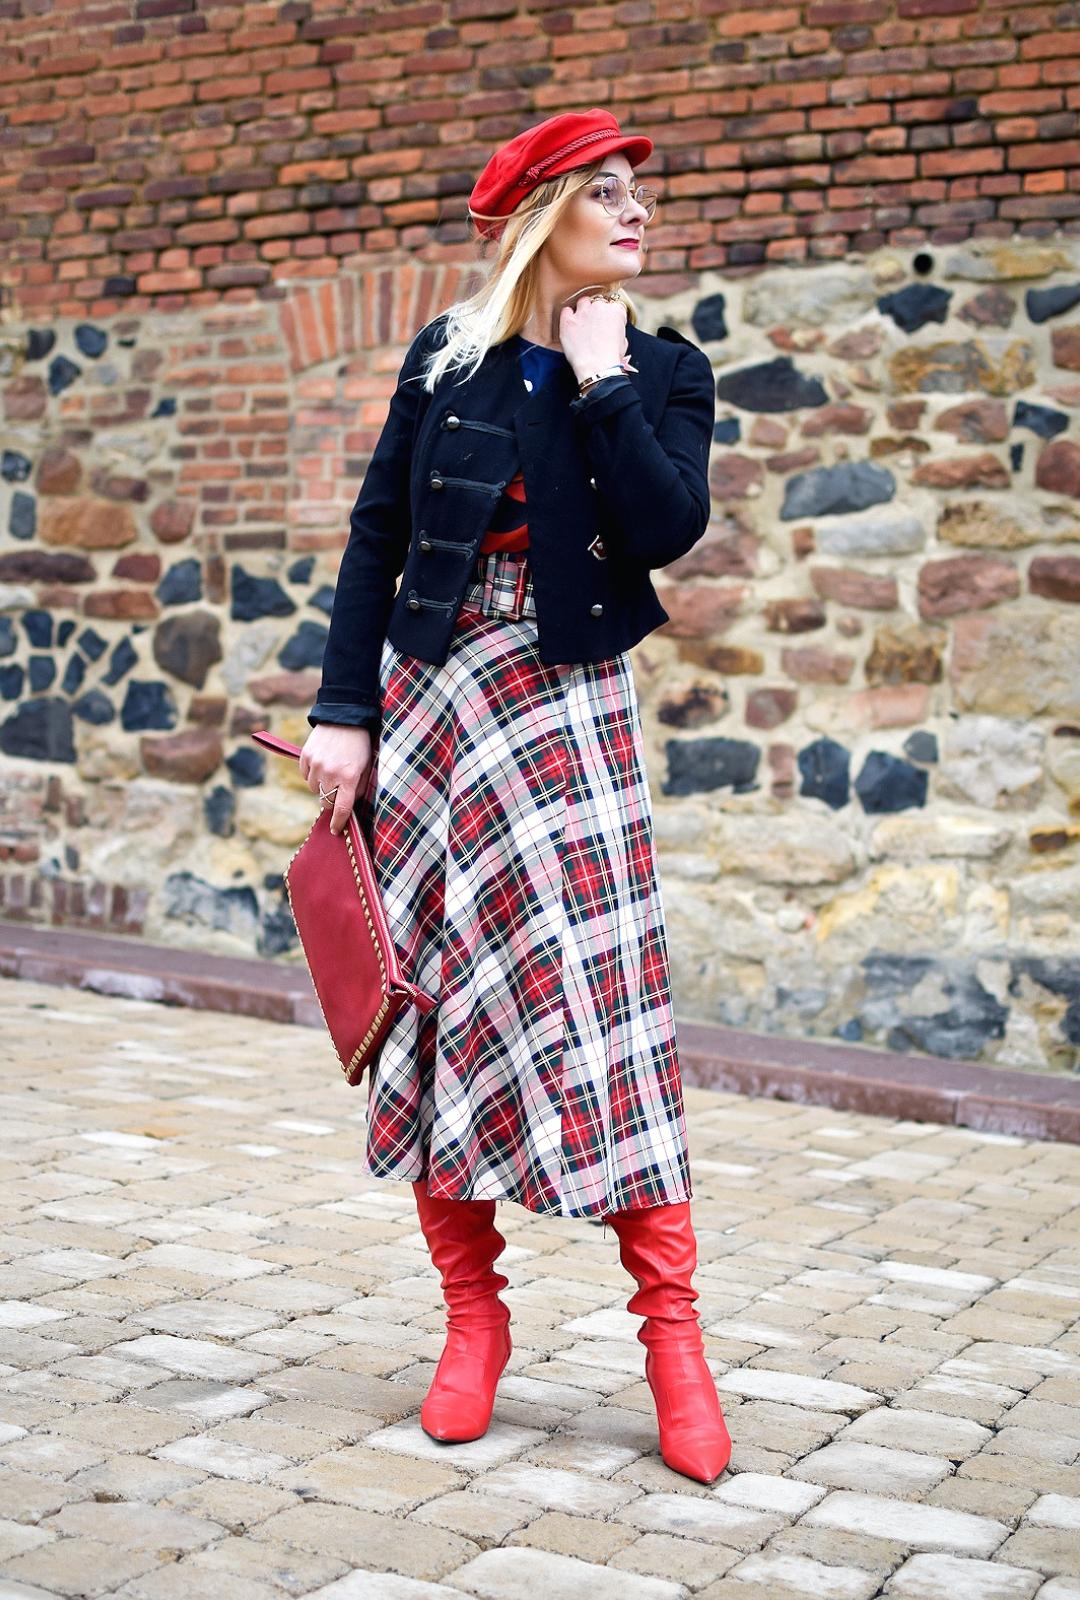 Rot miteinander kombinieren, Rot richtig stylen